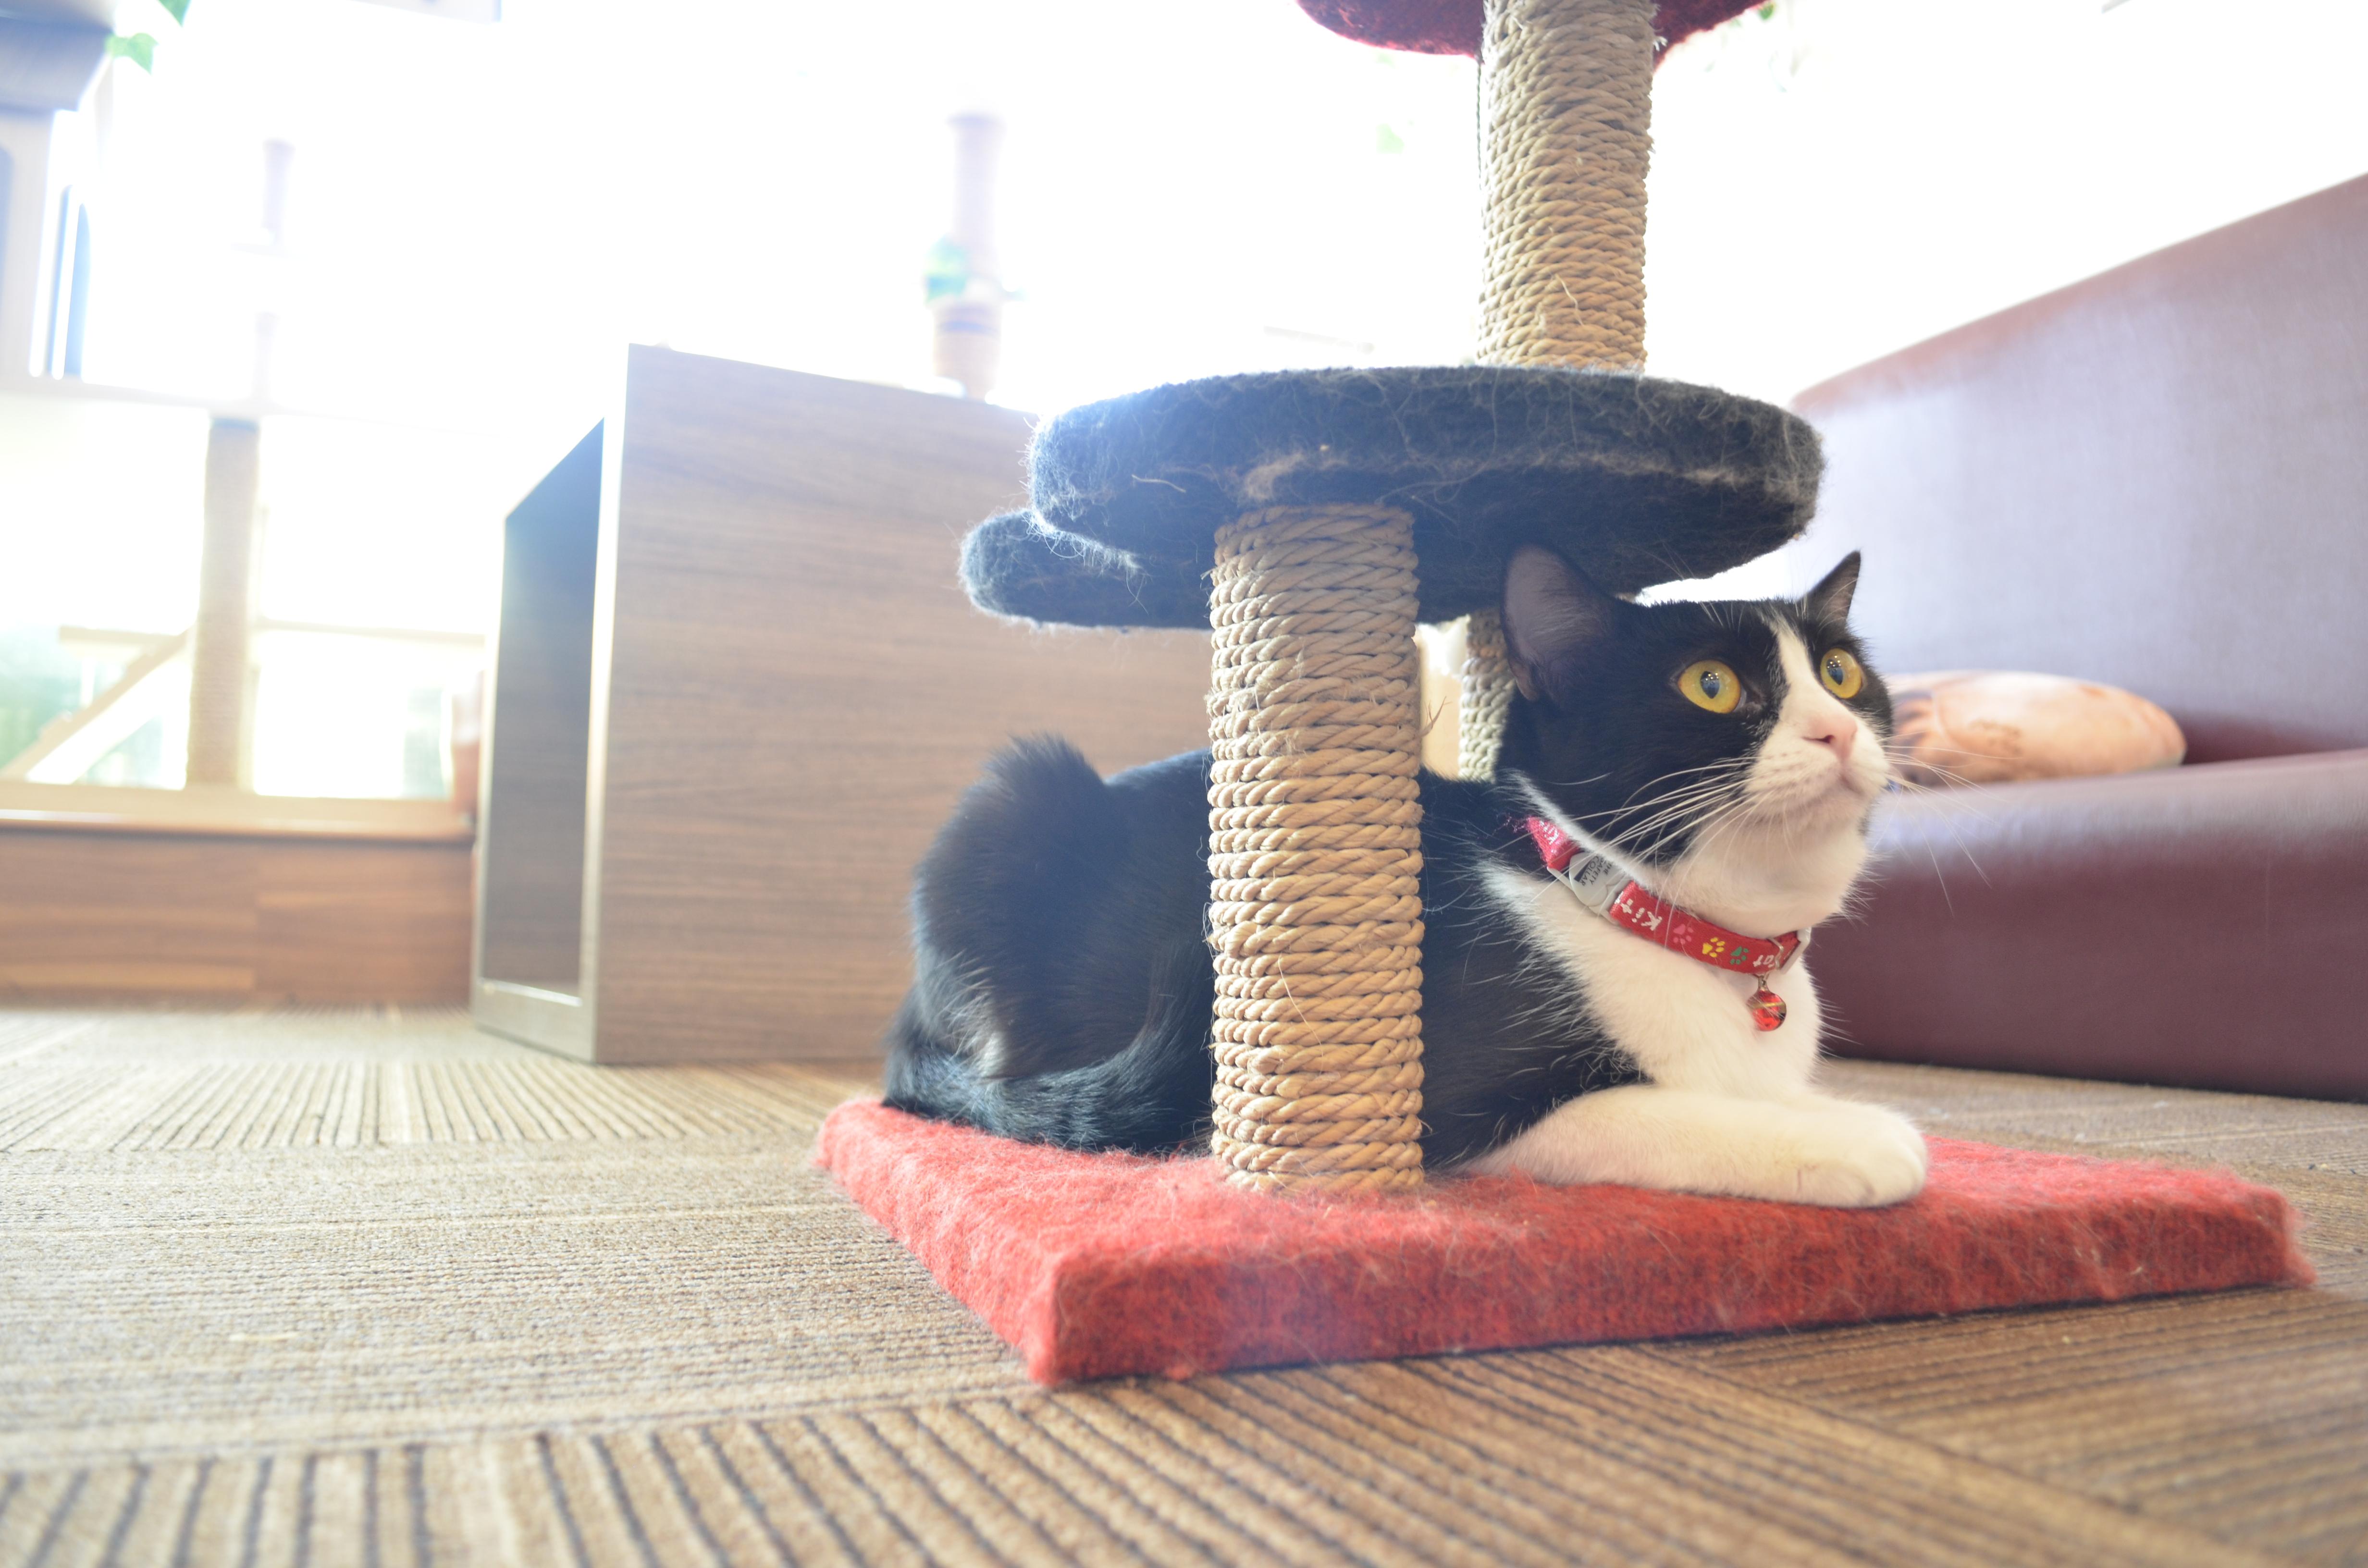 Cutie Cats Cafe Surganya Para Pecinta Kucing 011